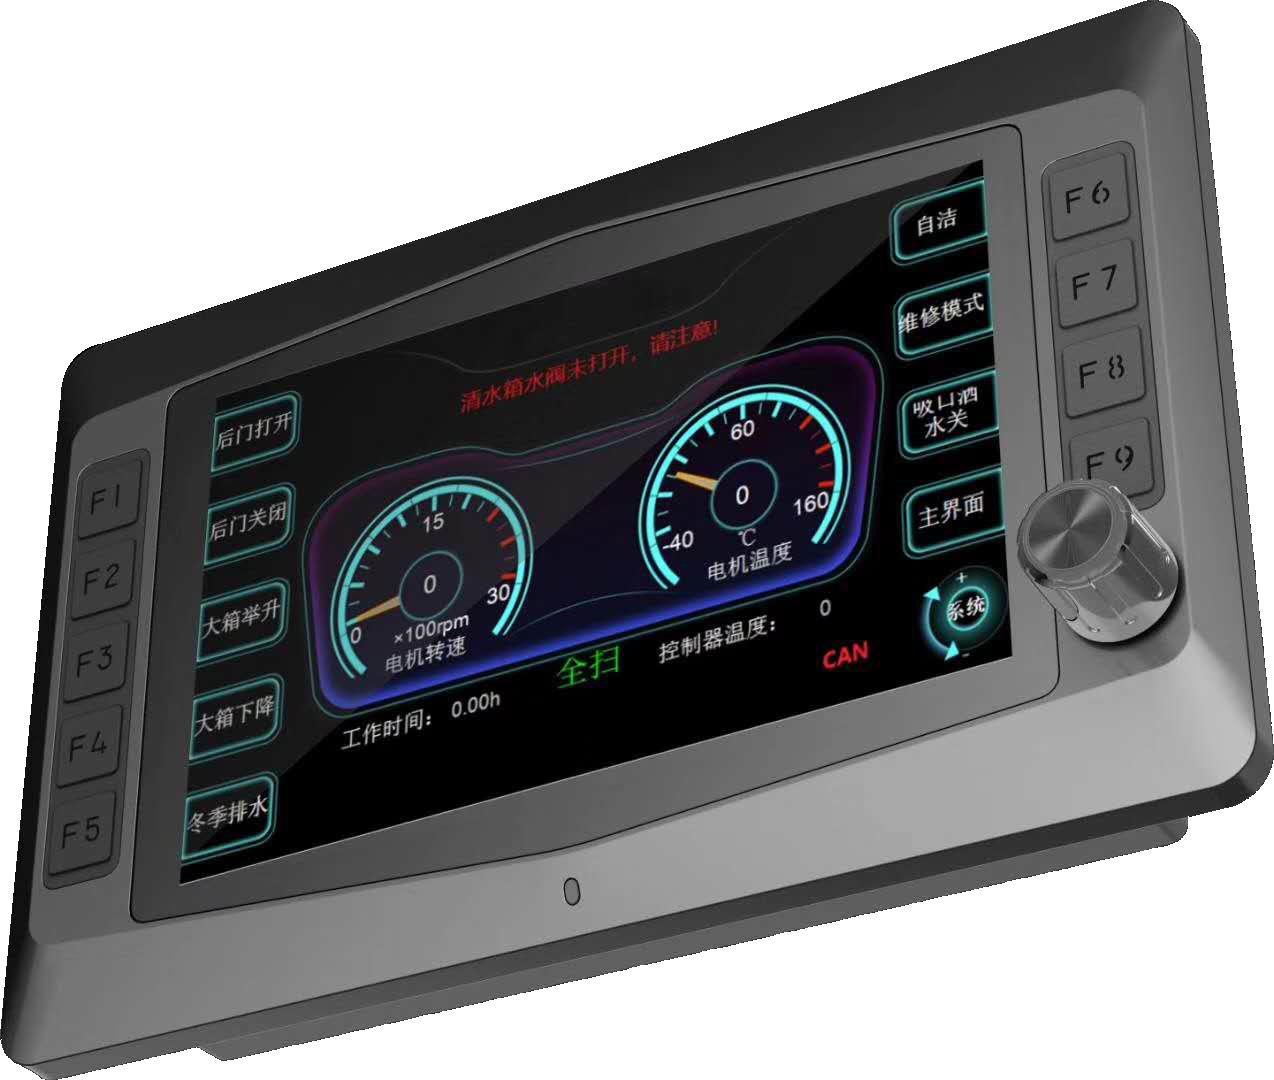 石油机械显示屏,工程设备显示屏,可触摸codesys显示屏